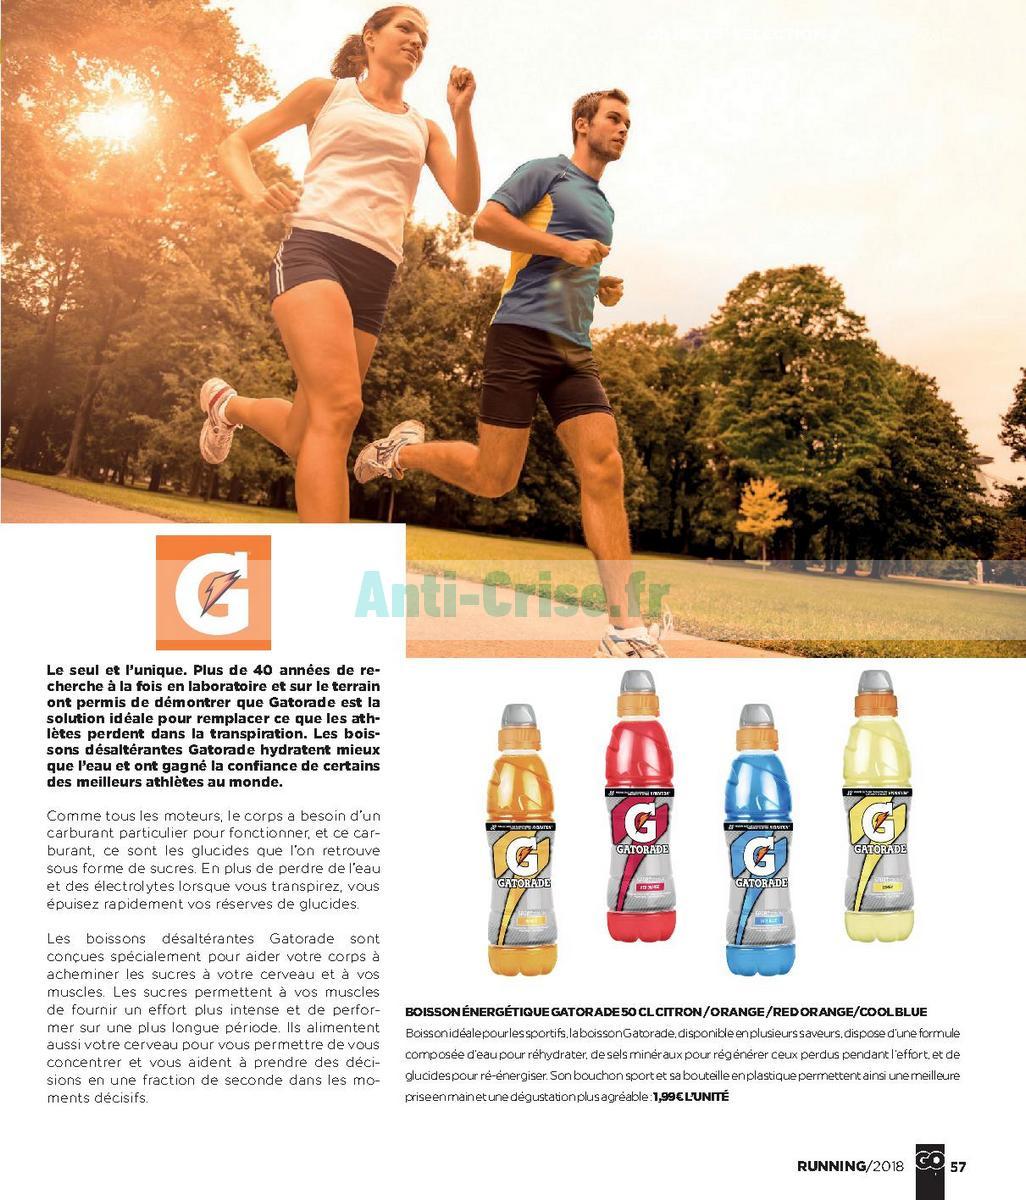 septembre2018 Catalogue Go Sport du 28 avril au 21 septembre 2018 (Running) (57)